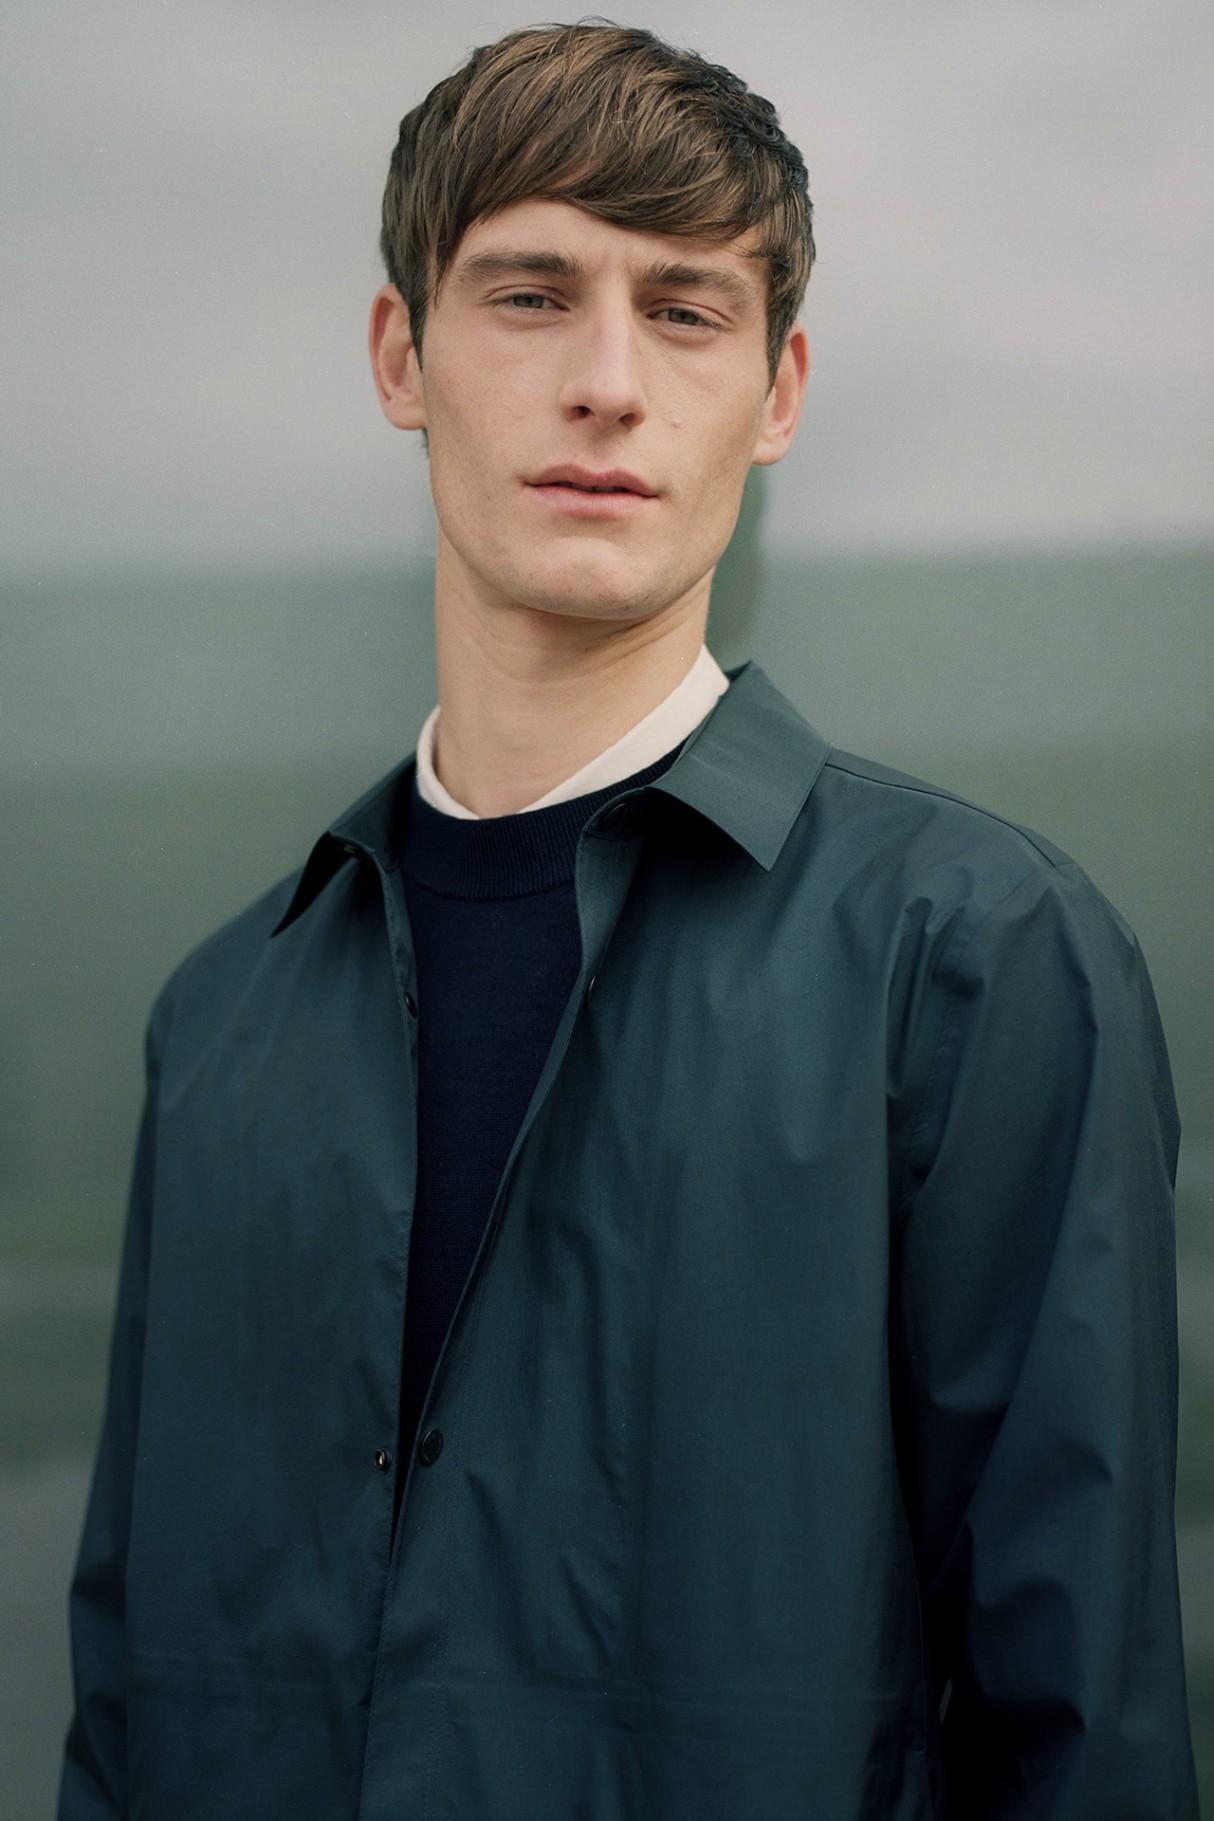 scandinavian-menswear-labels-norse-projects